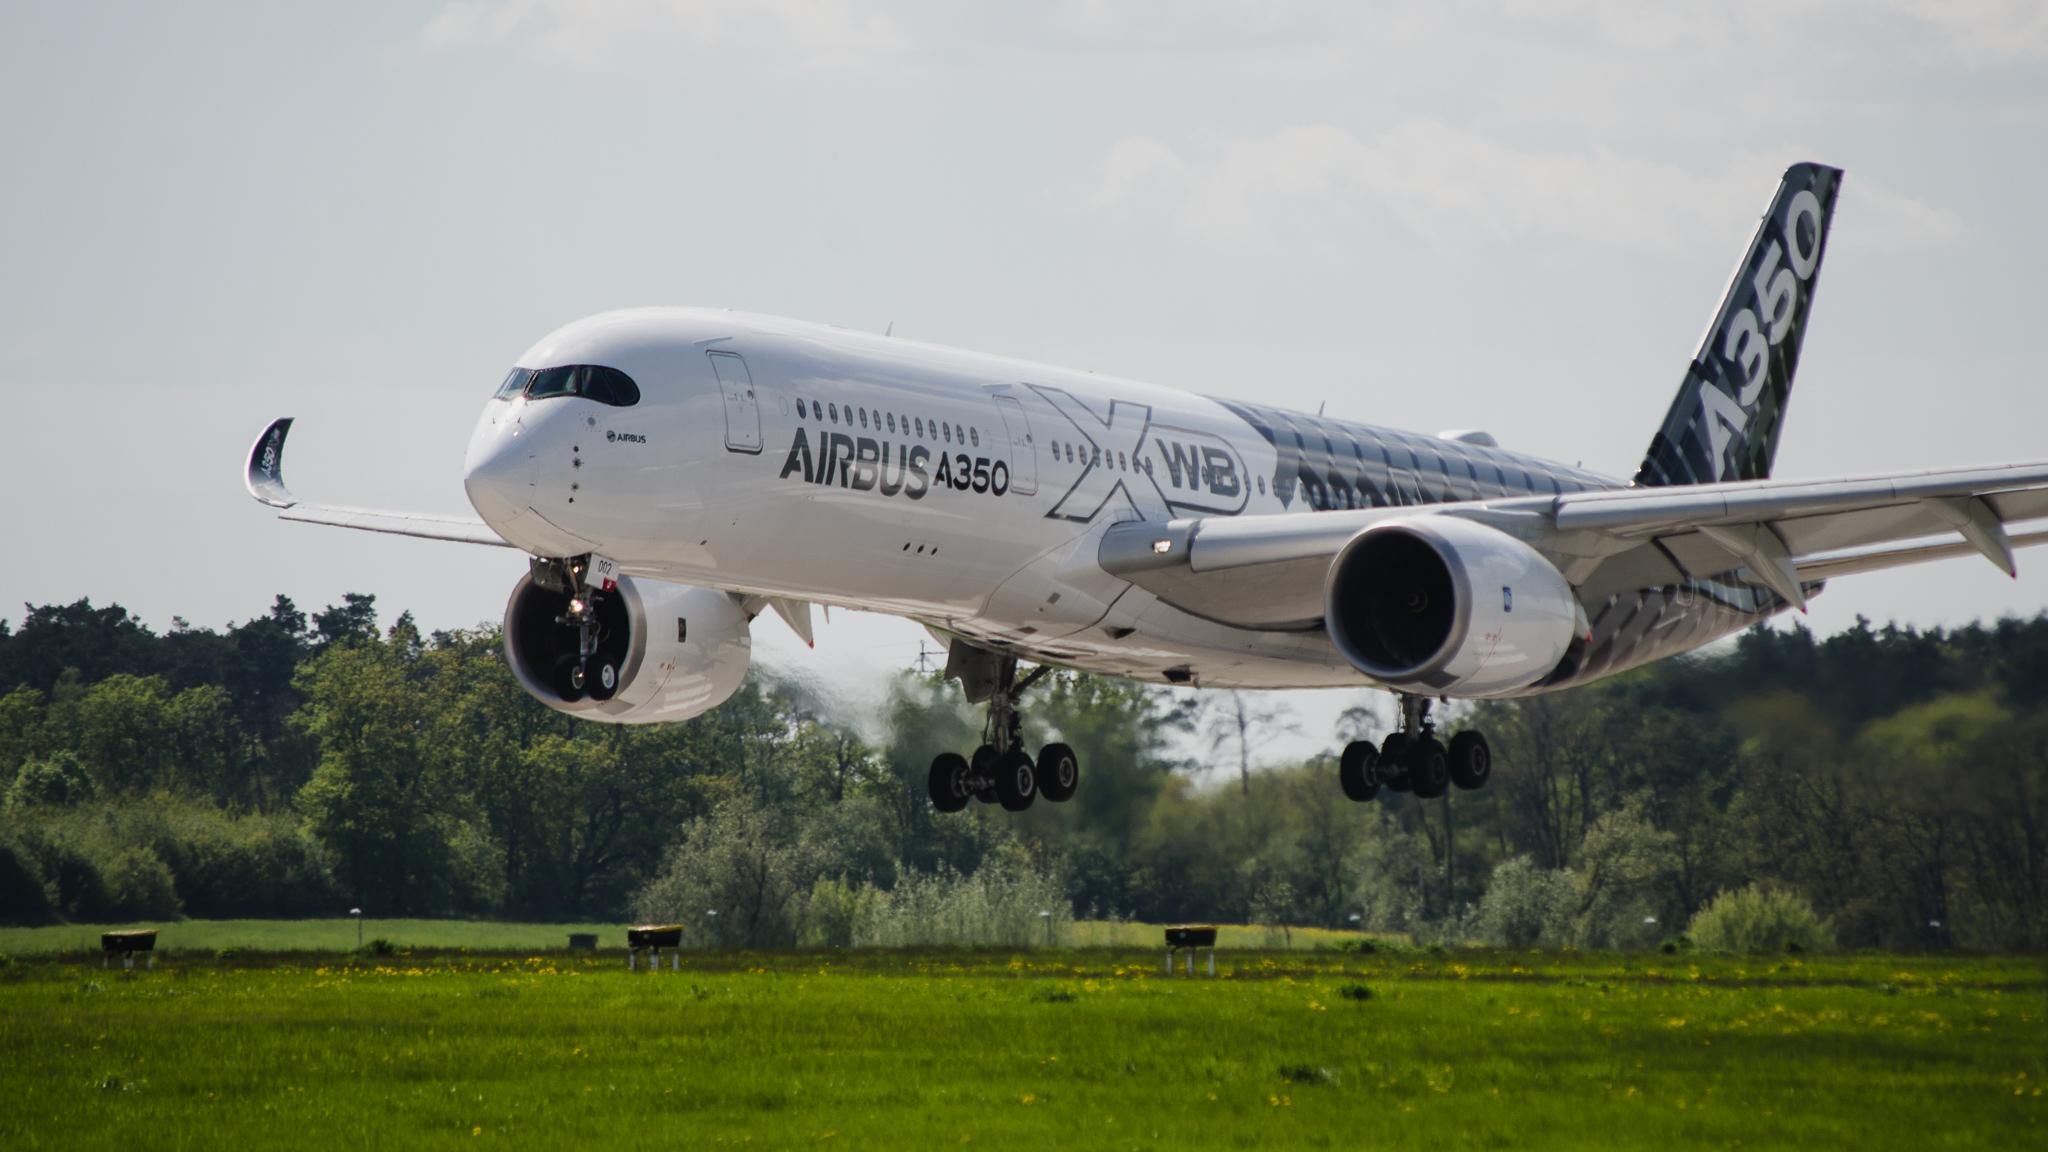 Airbzs A350